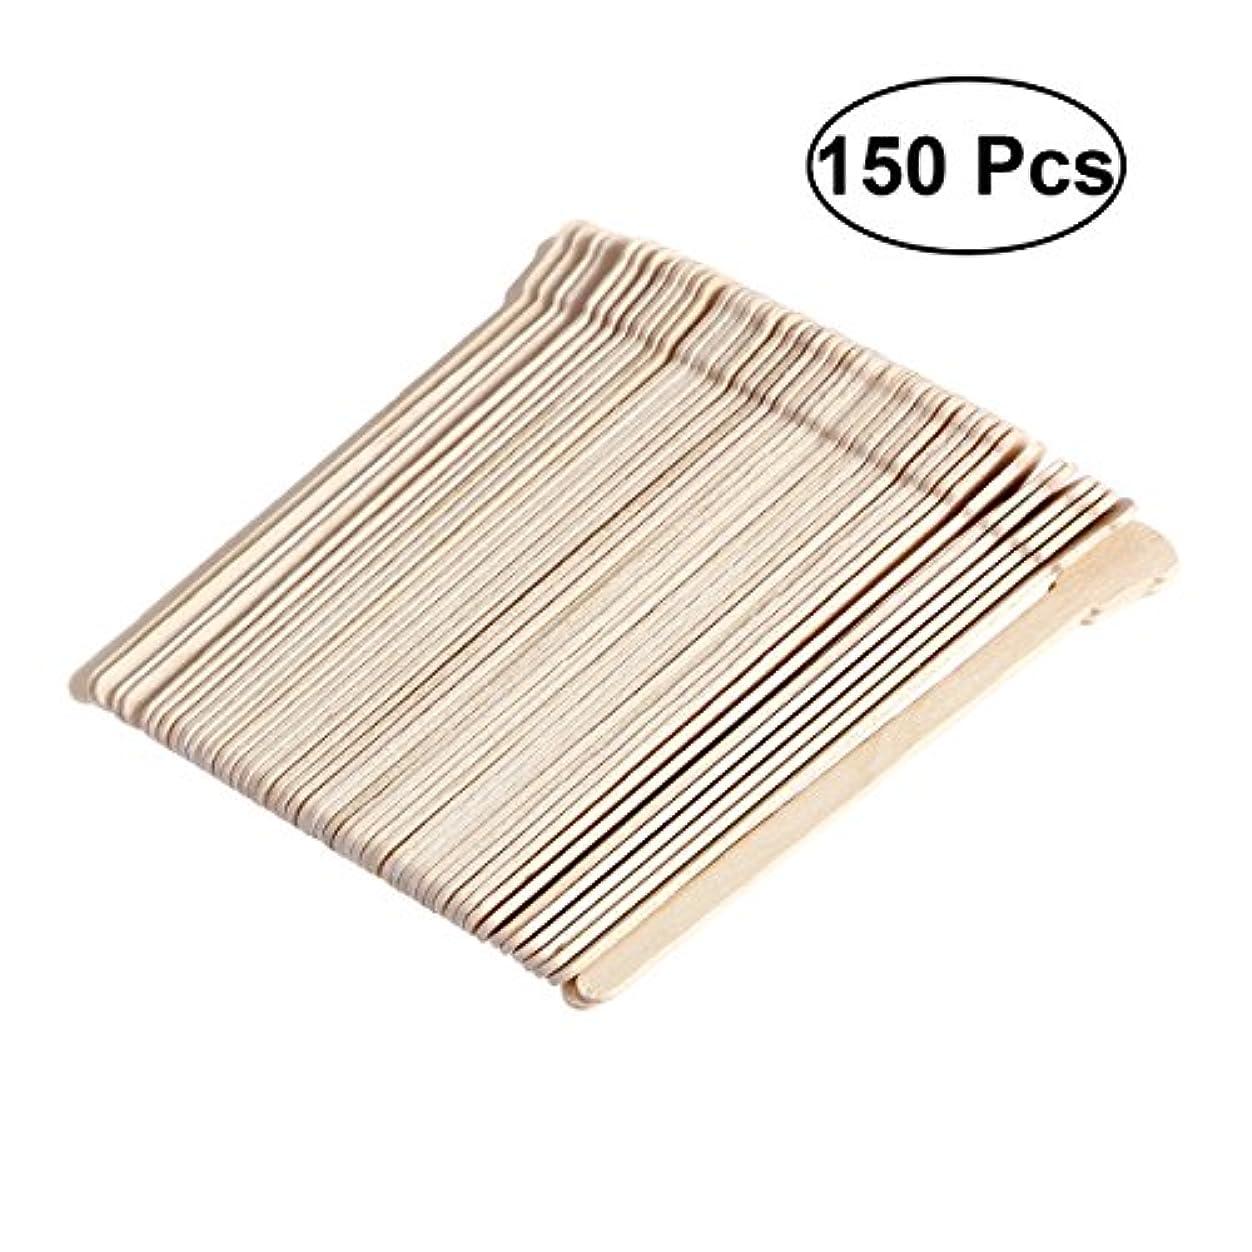 韓国語パークだますSUPVOX 150ピース木製ワックススティックフェイス眉毛ワックスへら脱毛(オリジナル木製色)